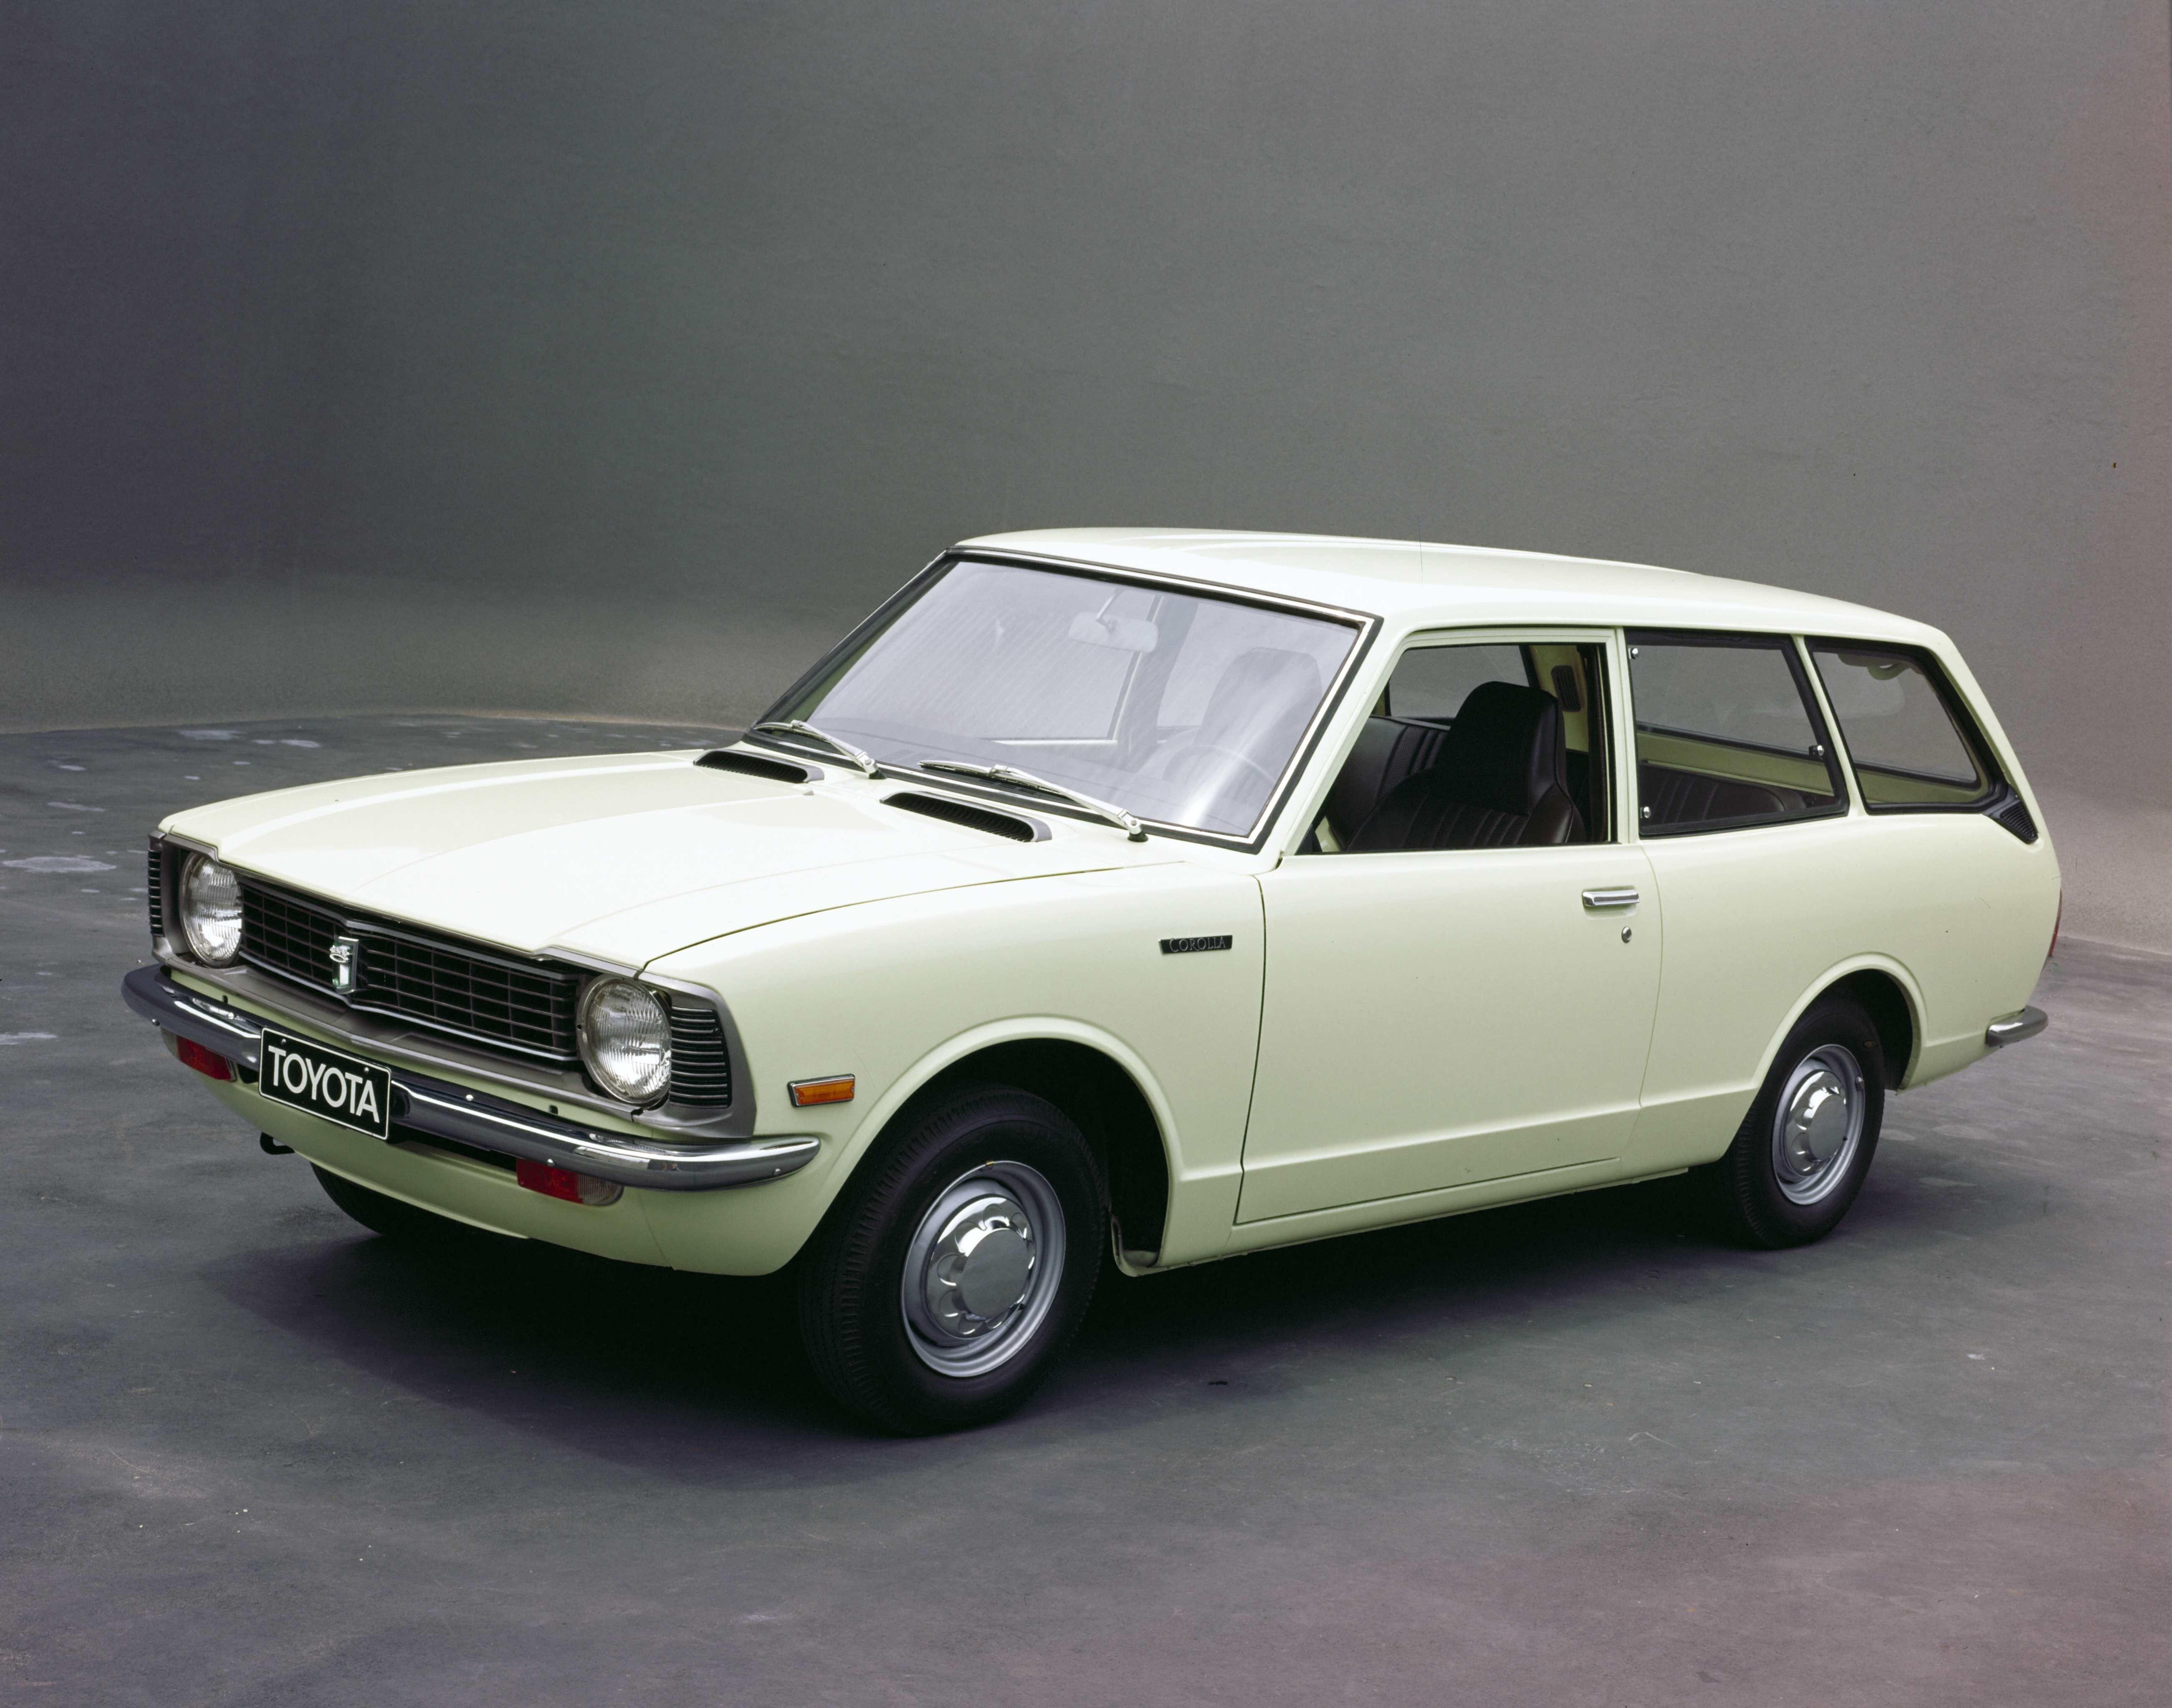 Toyota Corolla segunda geração - 1970